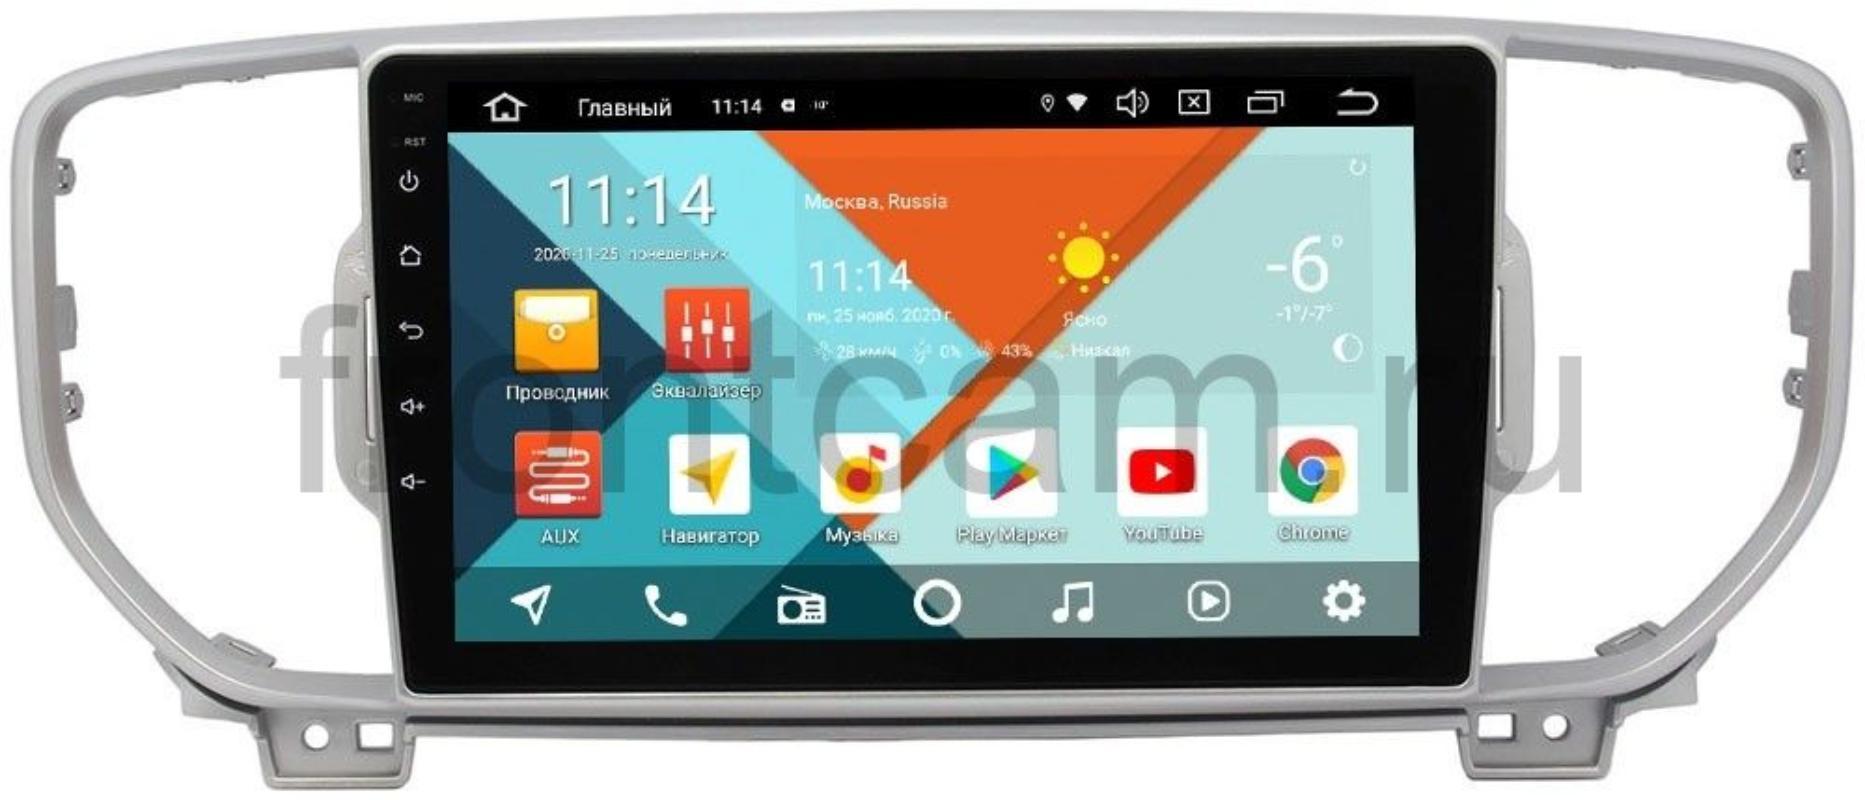 Штатная магнитола Kia Sportage IV (для авто без камеры) Wide Media KS9044QR-3/32 DSP CarPlay 4G-SIM на Android 10 (+ Камера заднего вида в подарок!)